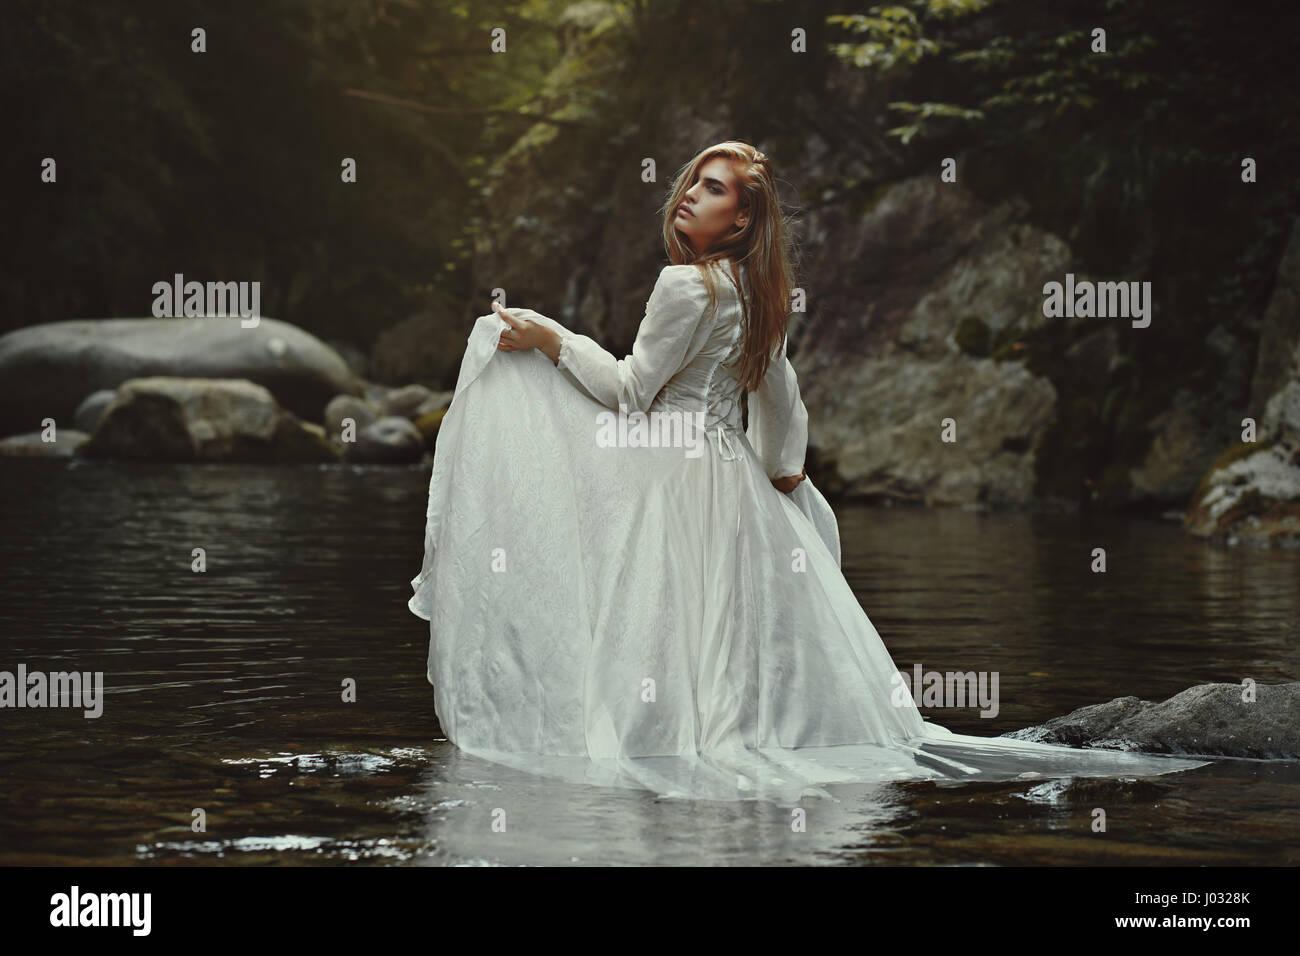 Hermosa mujer etérea en aguas místicas. Estanque de fantasía Imagen De Stock